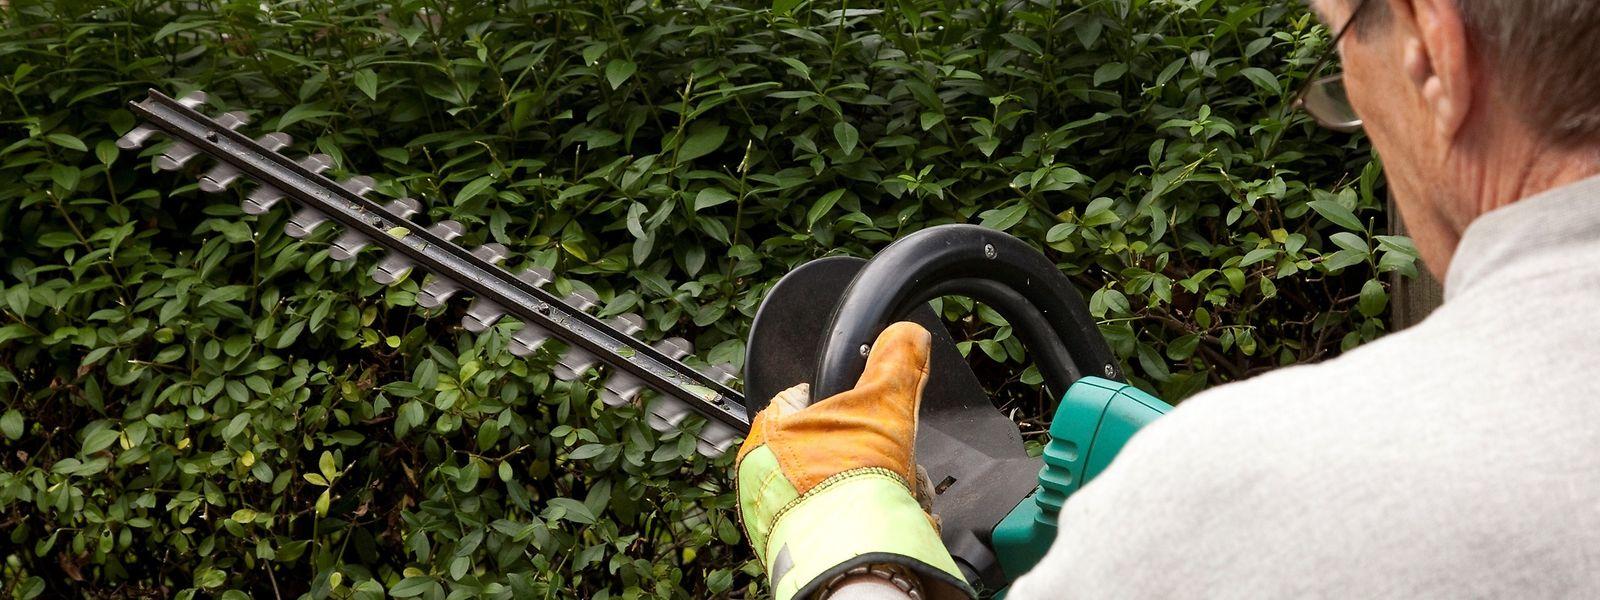 Mit elektrischen Heckenscheren lässt sich das Grün schnell stutzen. Wichtig ist bei großen Flächen eine ausreichende Laufzeit des Akkus.